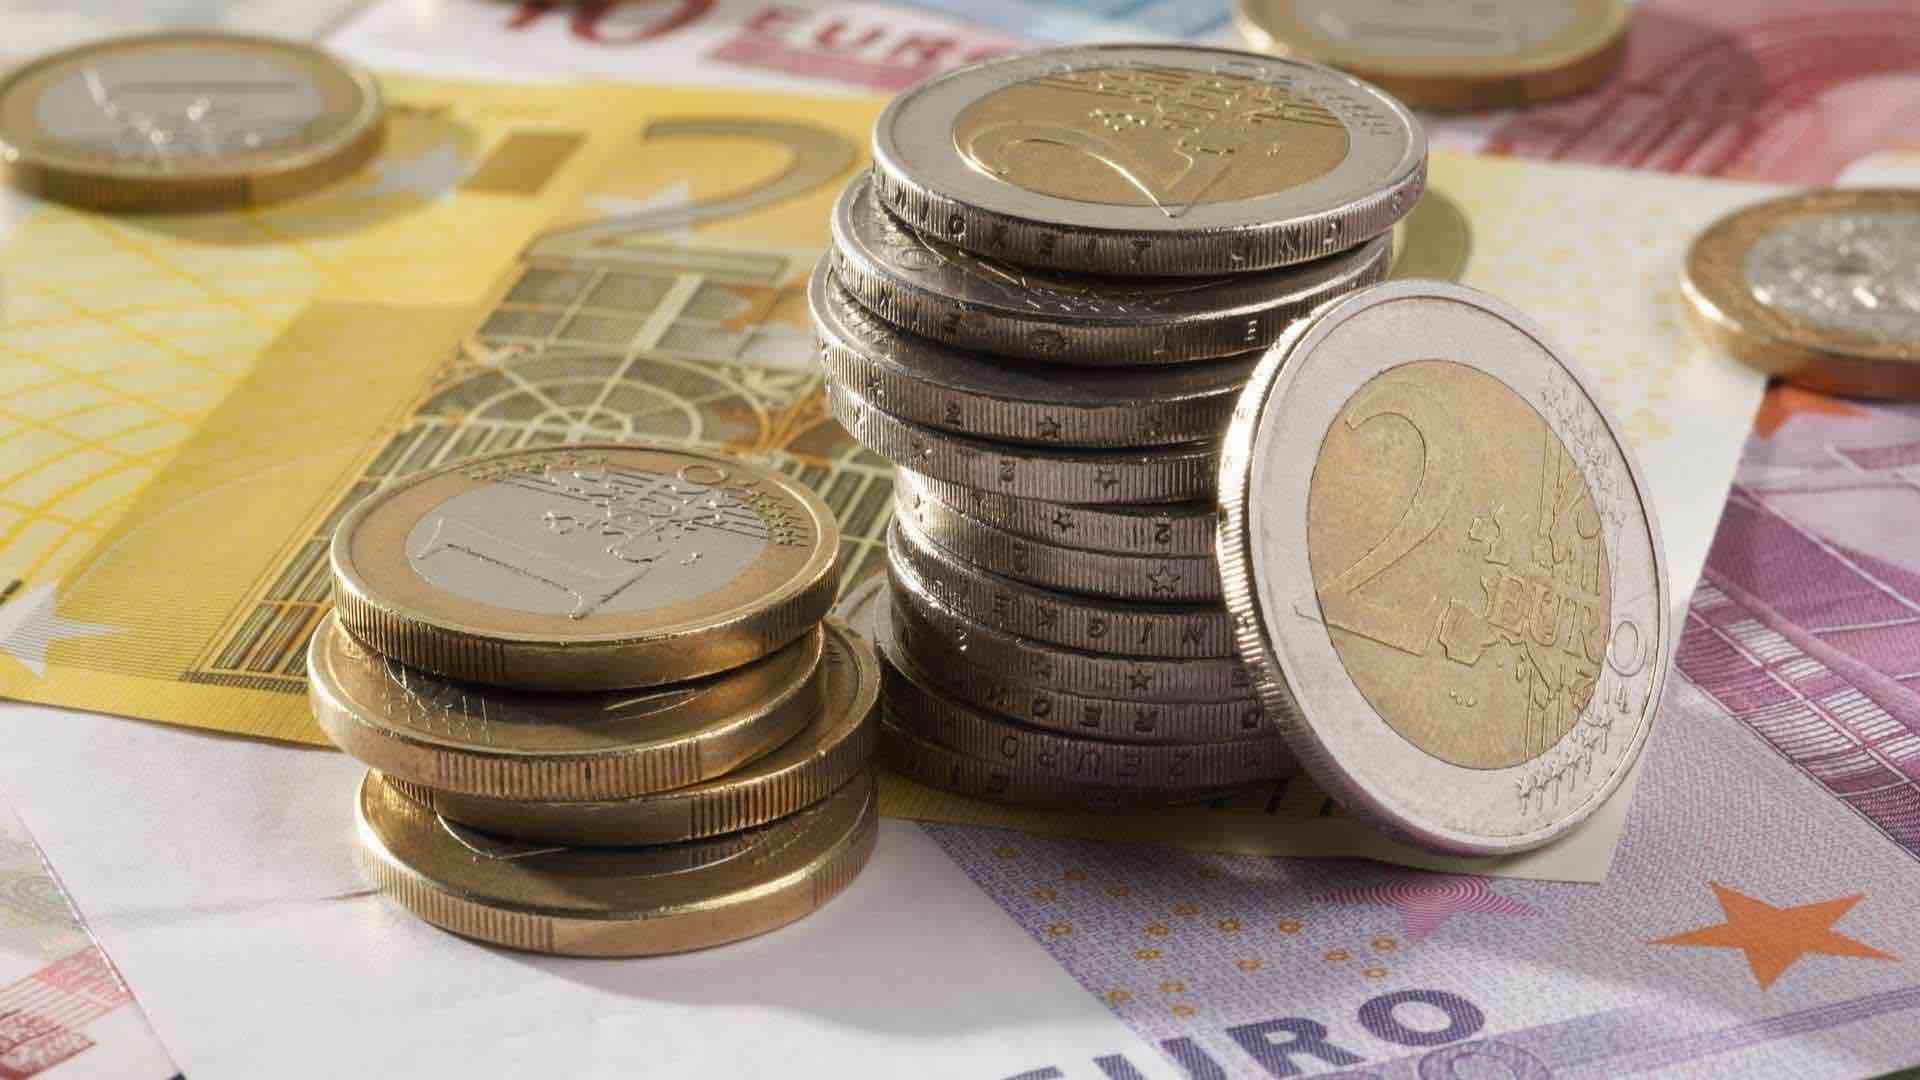 FIAP Contributi Investimenti 2019. Credenziali per conferma domande prenotate a mezzo PEC. Punto situazione contributi annualita precedenti